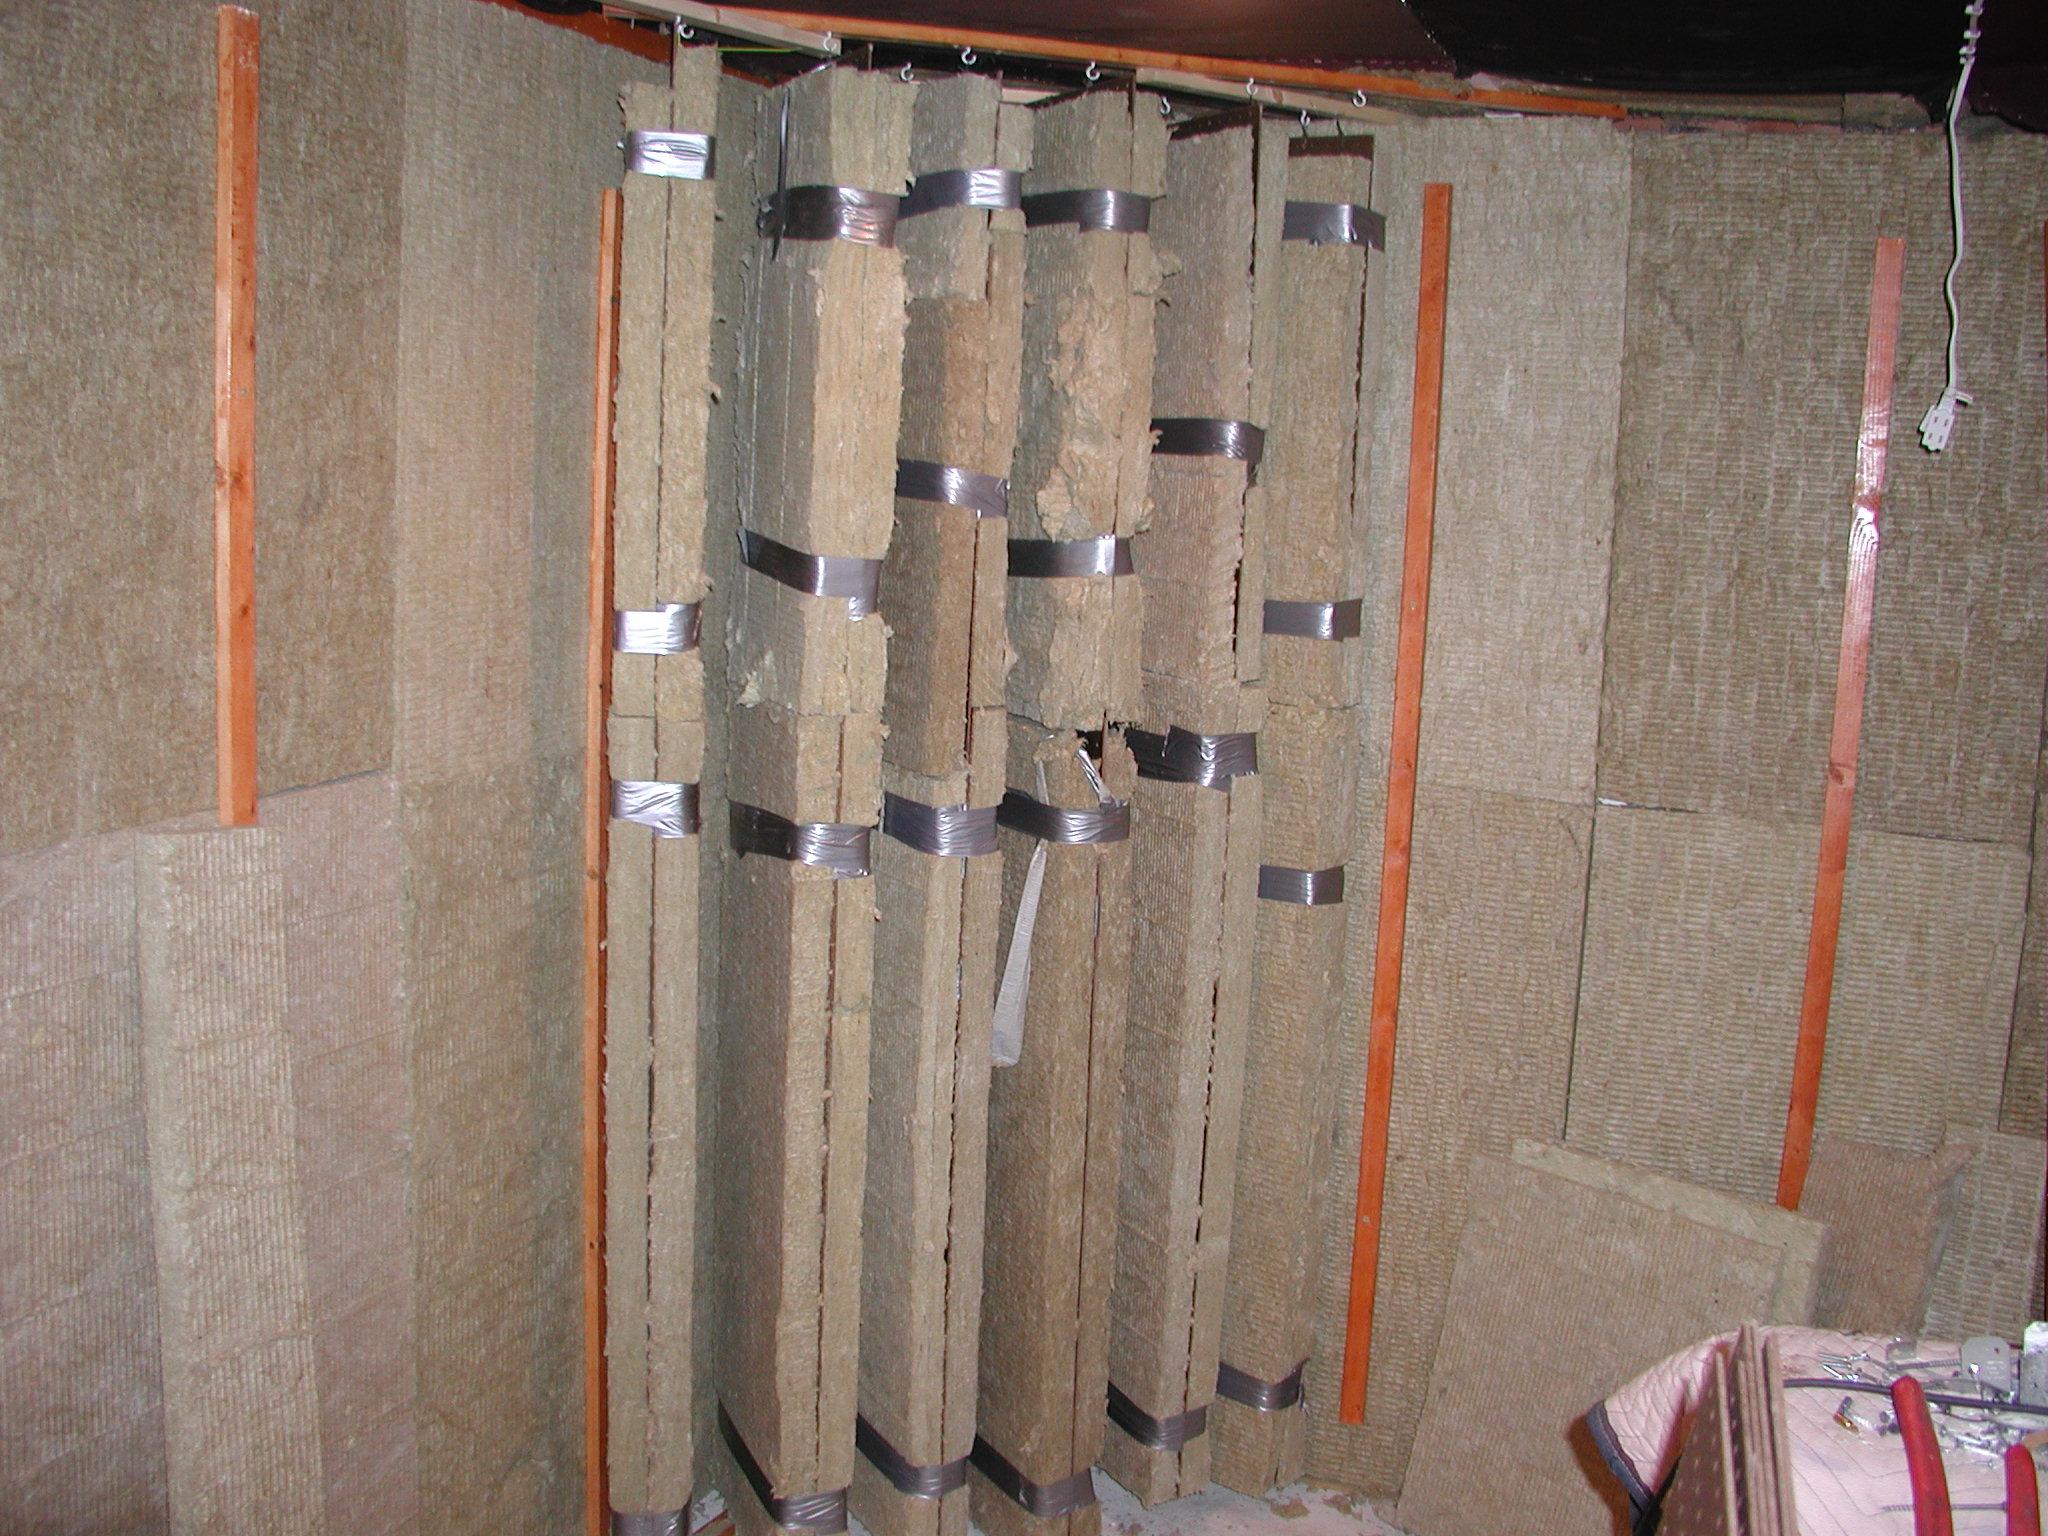 https://www.gearslutz.com/board/attachments/bass-traps-acoustic-panels-foam-etc/312255d1349488246-my-corner-bass-traps-pictures-mr-brandt-studio-front-corners-acoustic-hangers-013.jpg